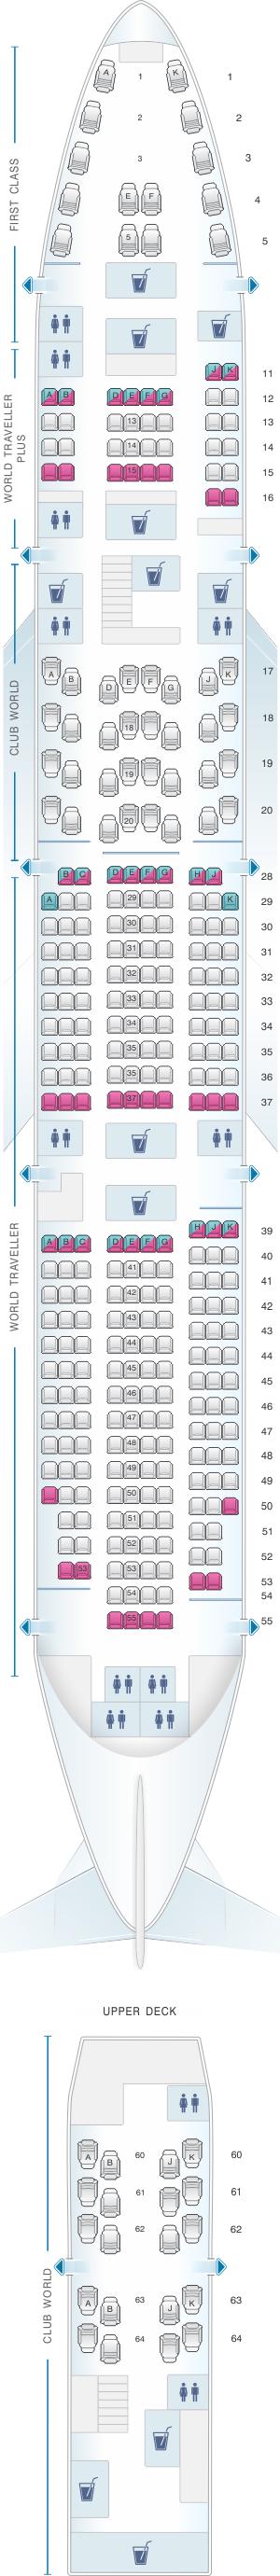 Seat map for British Airways Boeing B747 400 345PAX